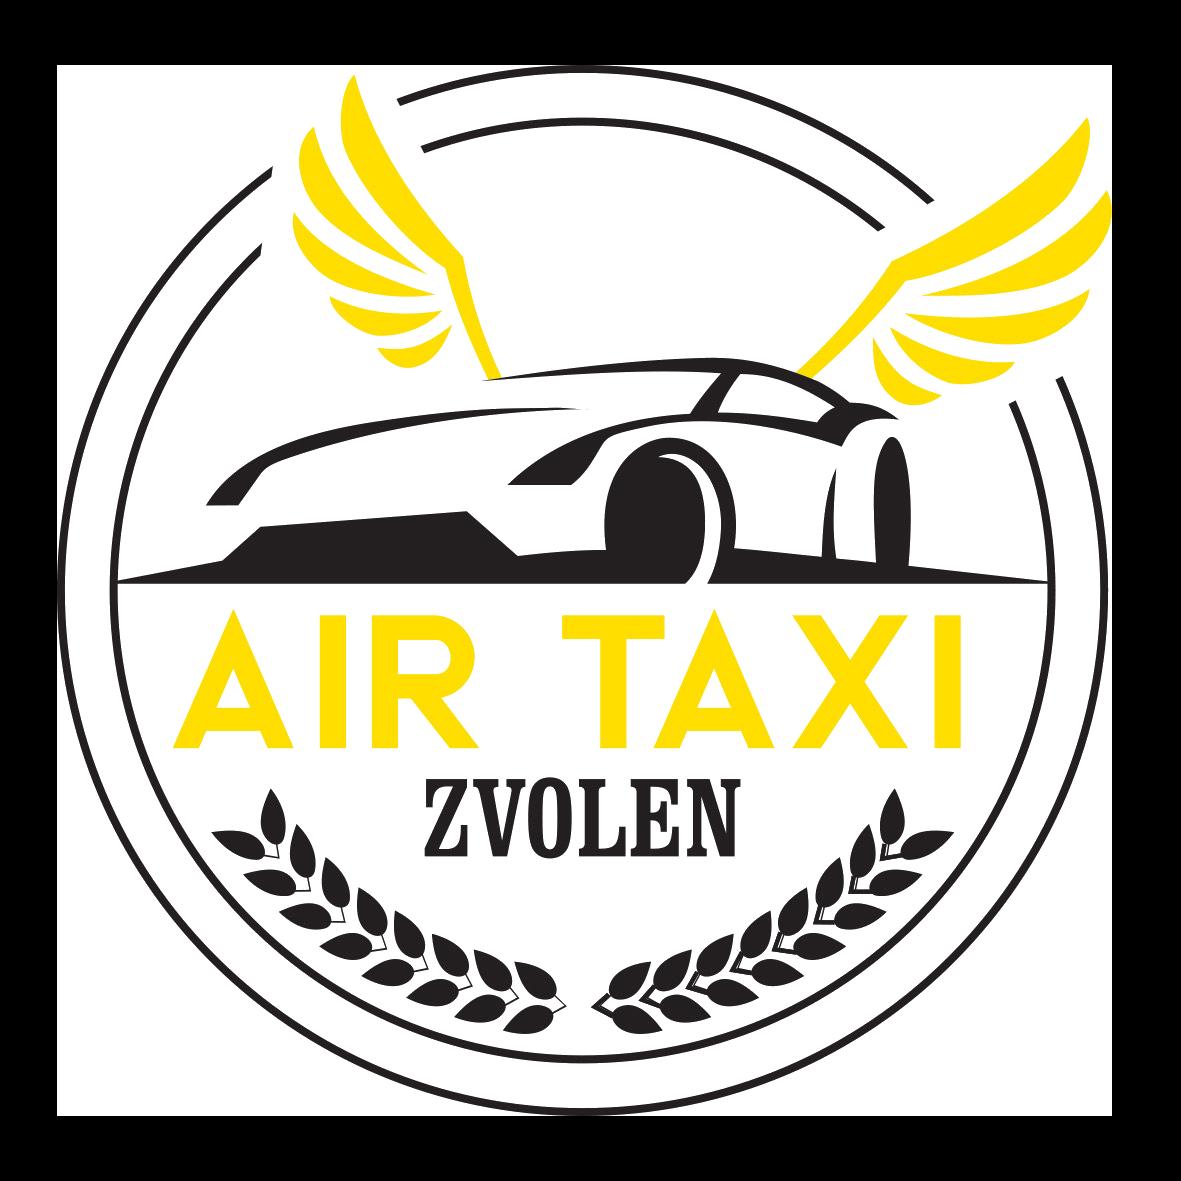 AirTaxi Zvolen